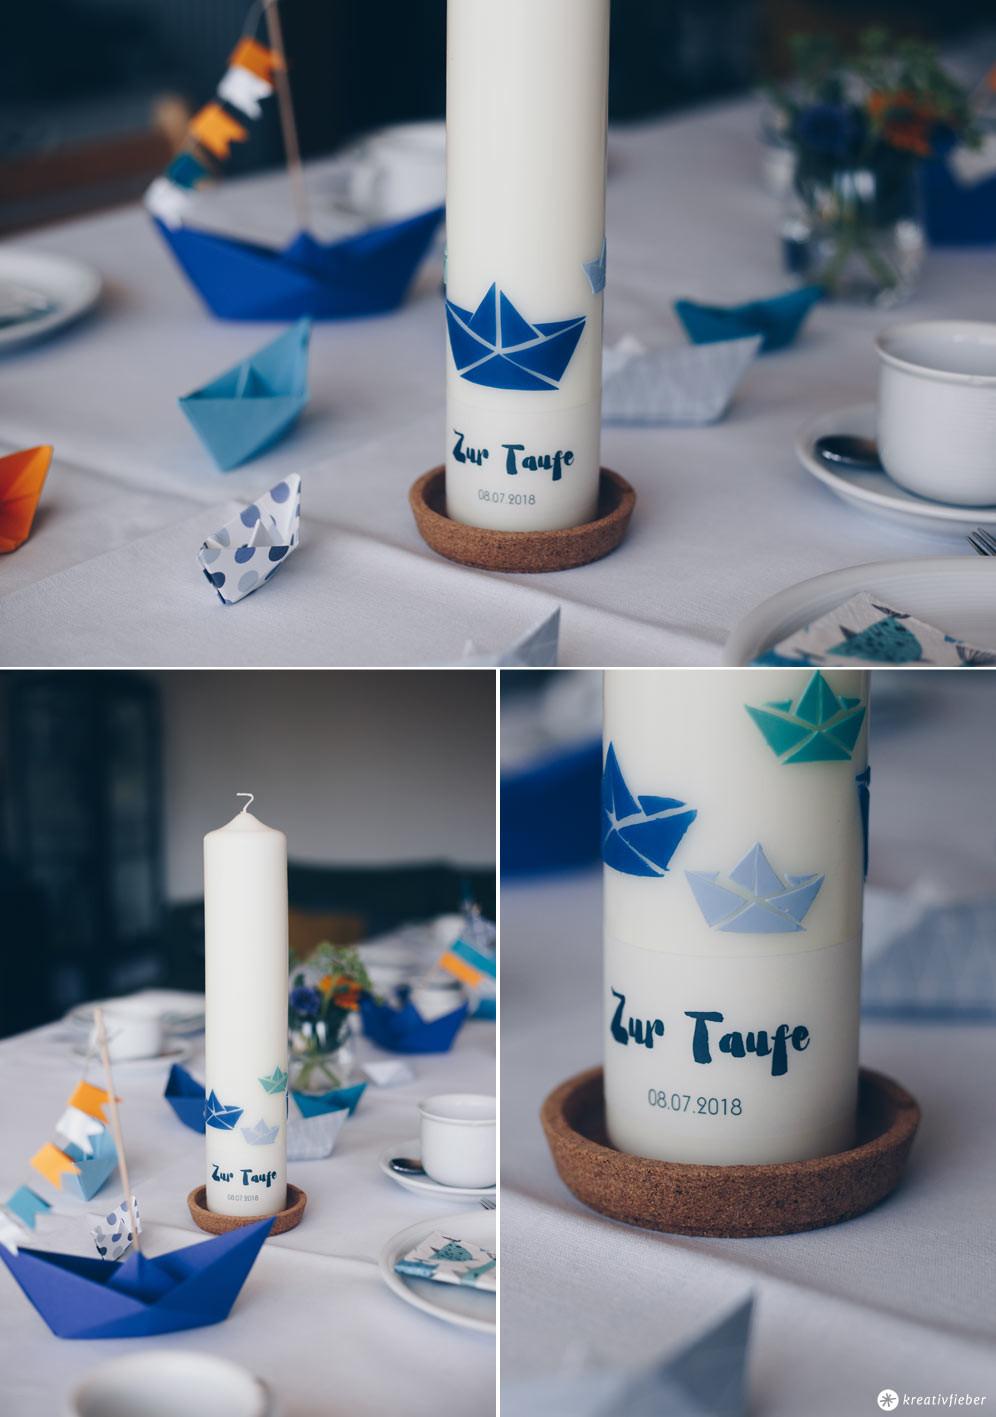 Taufkerze Diy  DIY Taufkerze selbermachen mit Origamibooten und Text